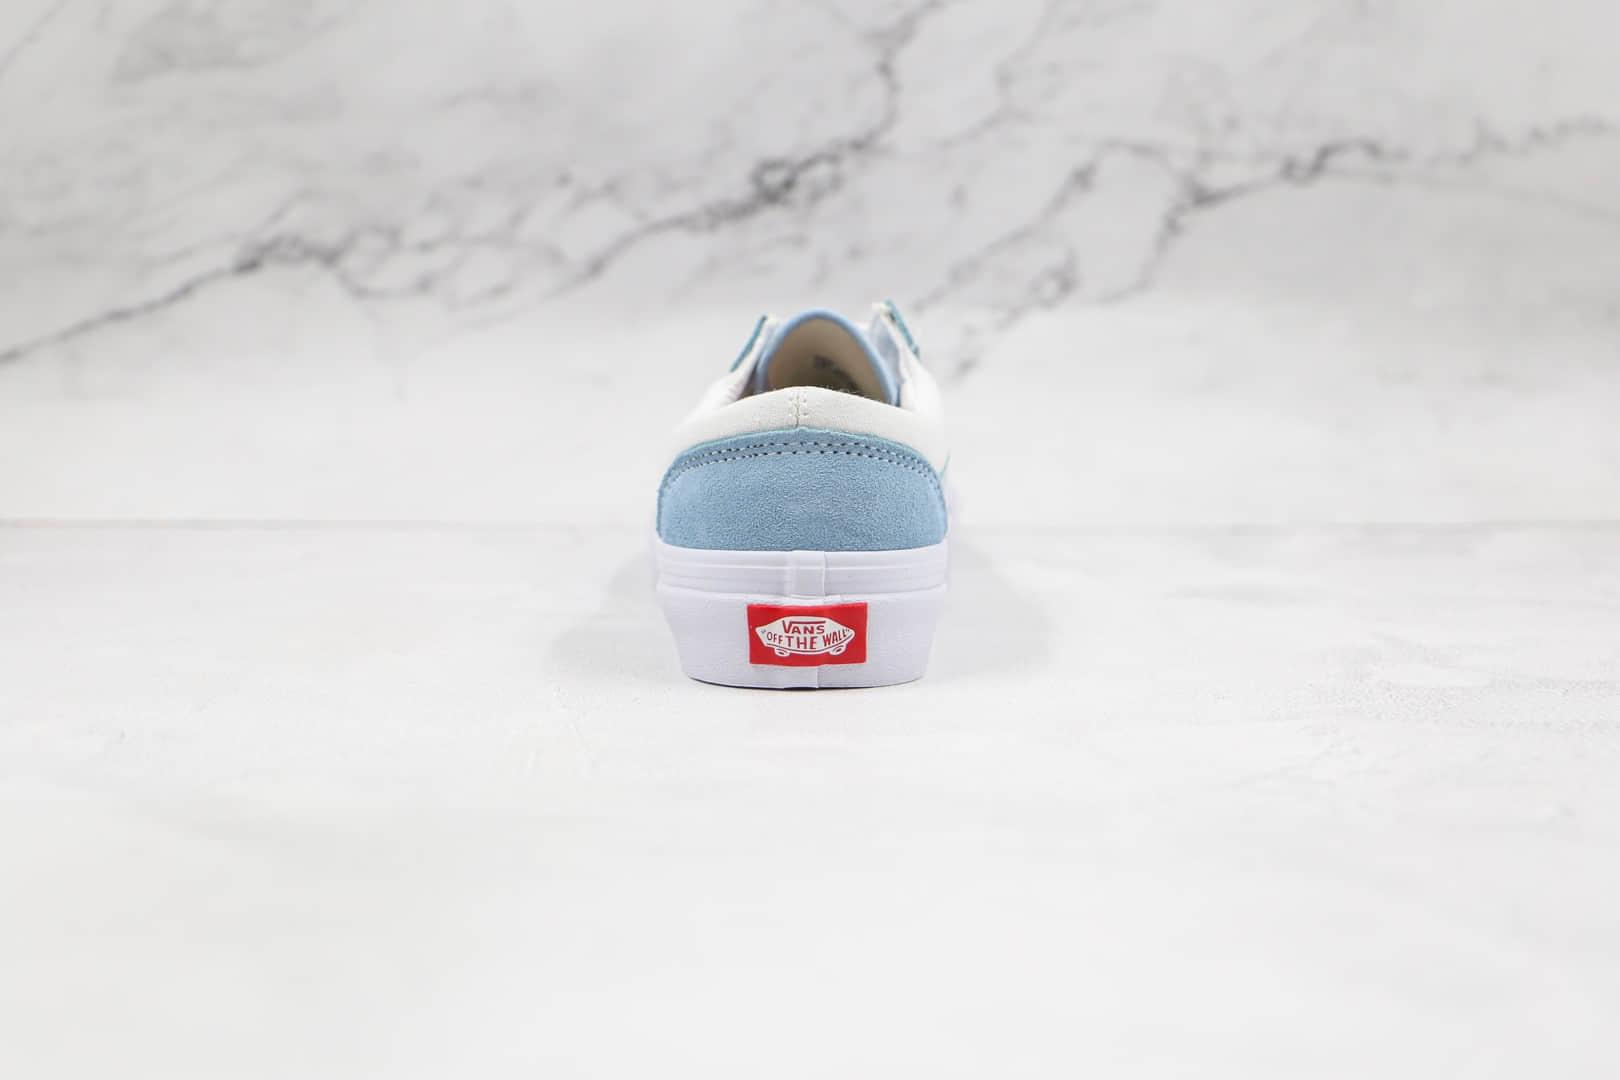 万斯Vans Style 36 Old Skool公司级版本低帮蓝色侧边条纹硫化帆布鞋原楦头纸板打造